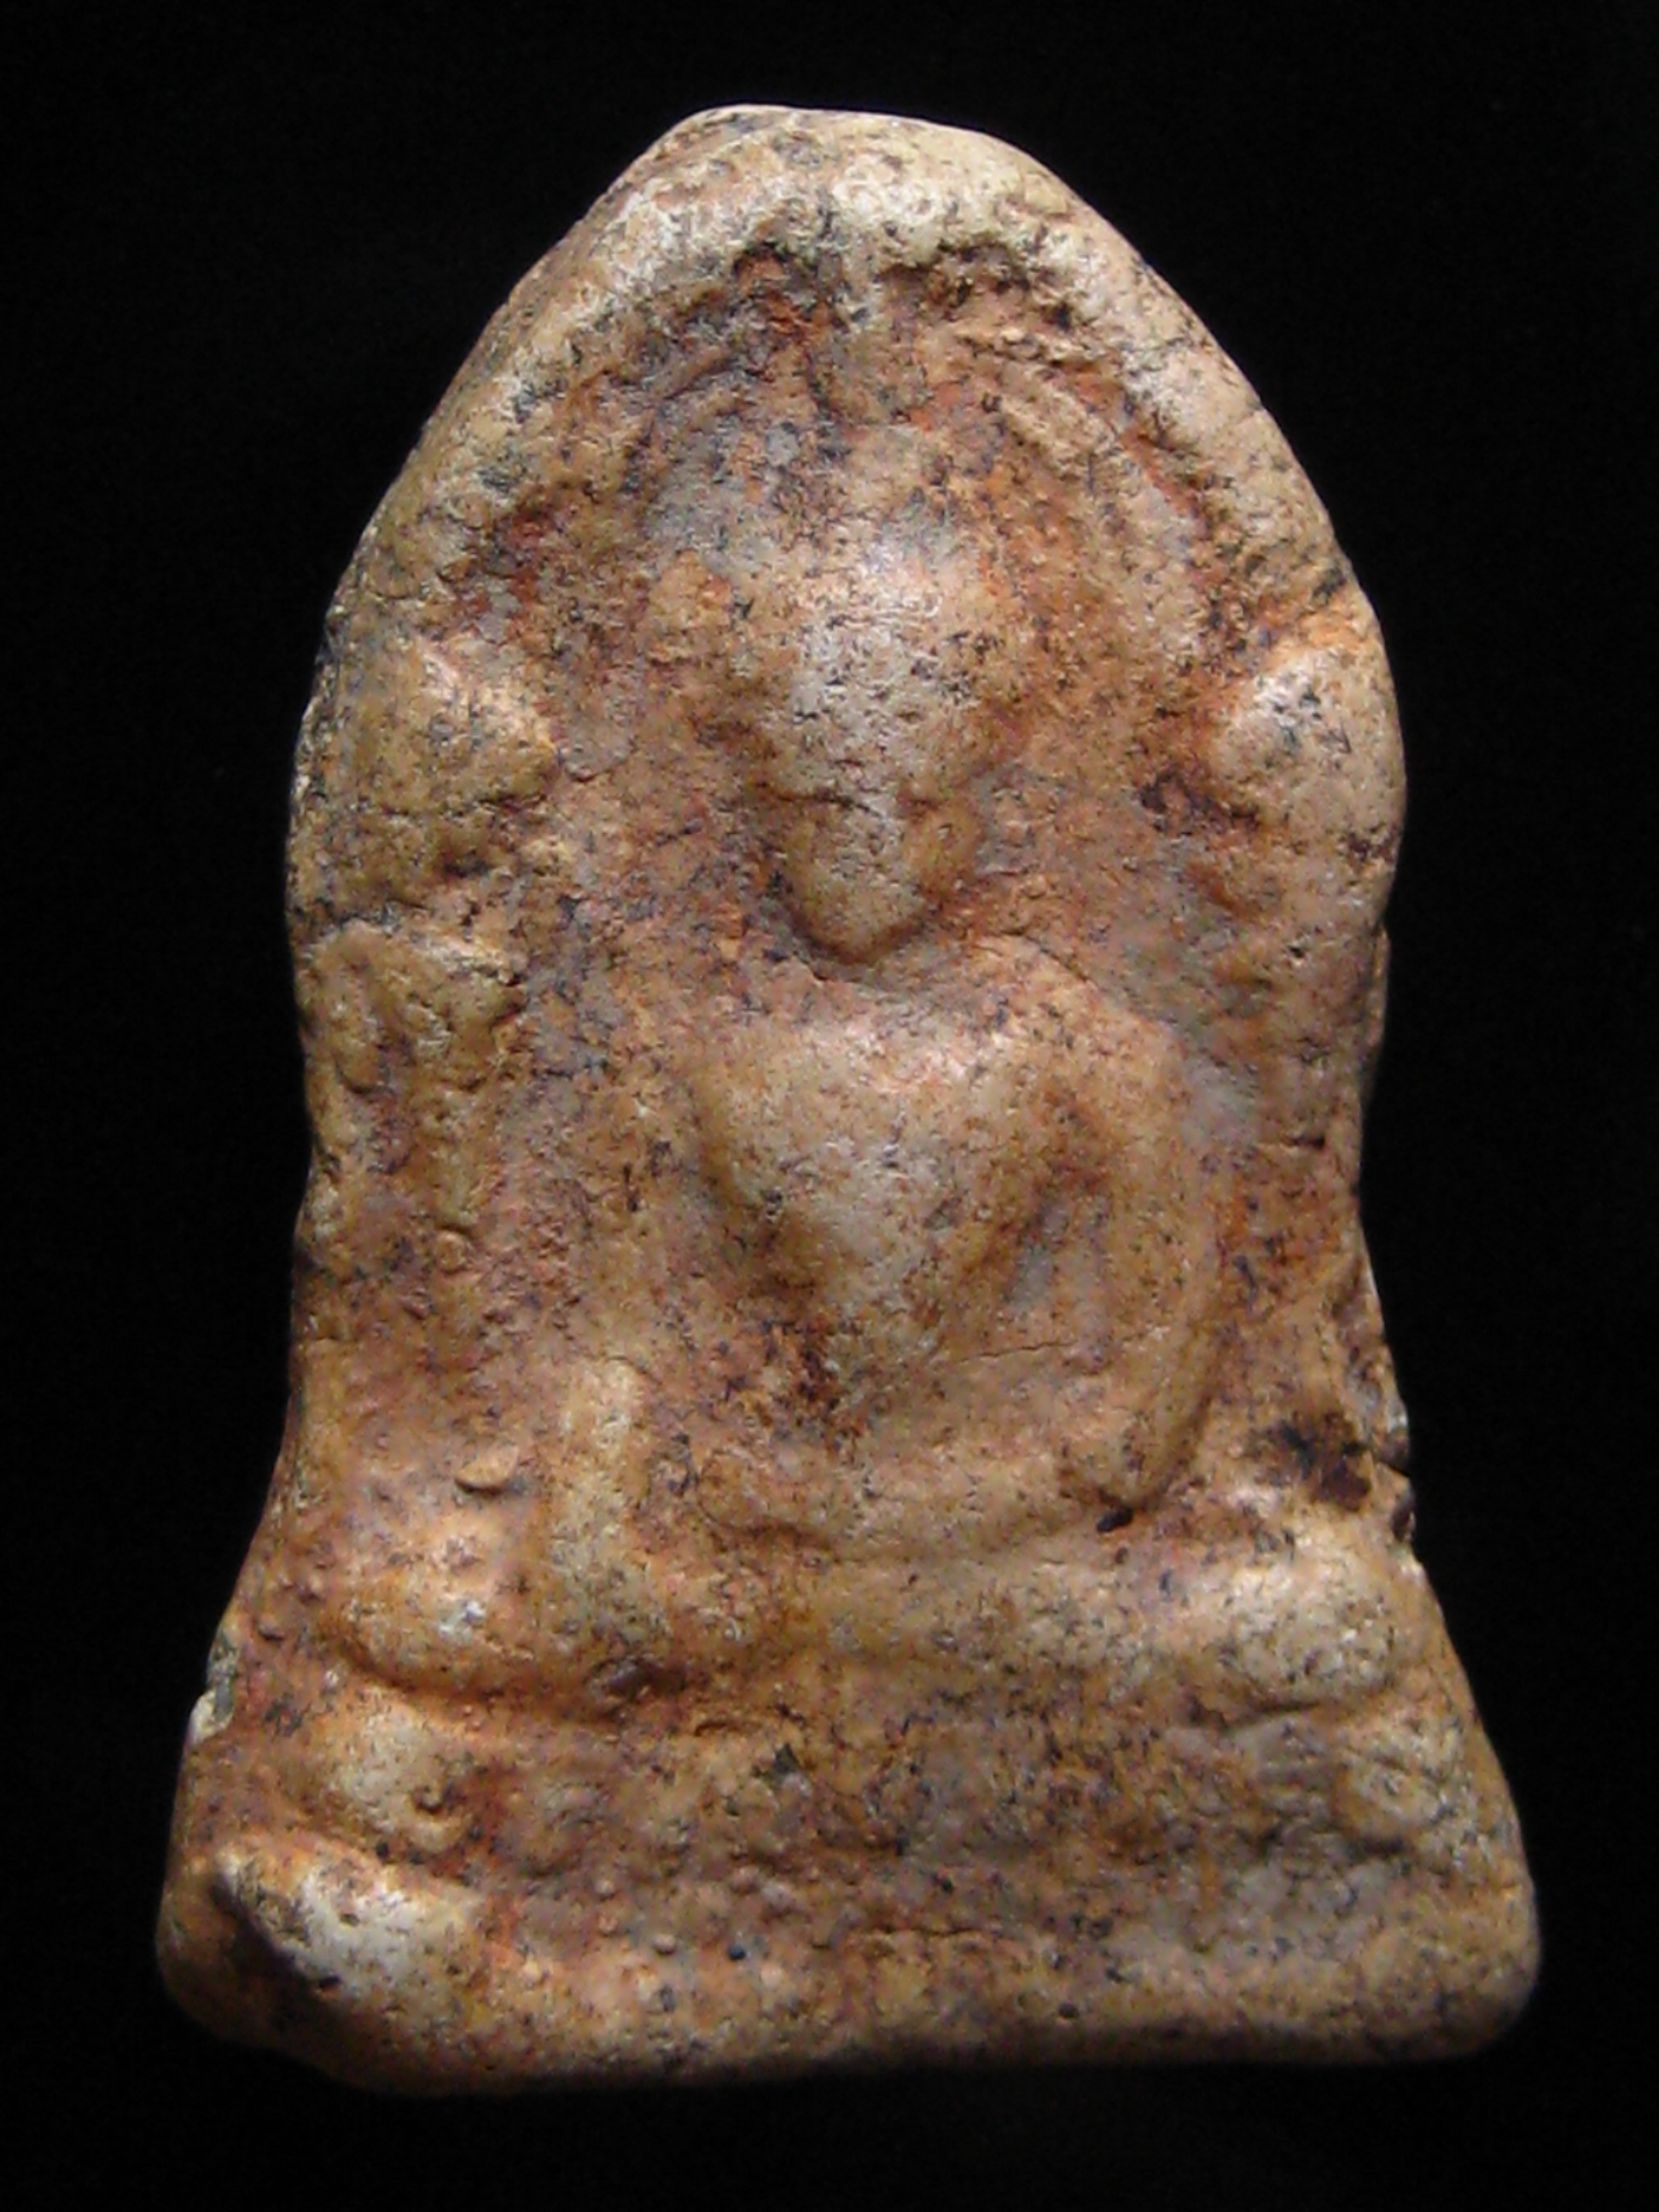 ชินราชใบเสมาเนื้อดิน กรุวัดใหญ่พิษณุโลก รหัส7230